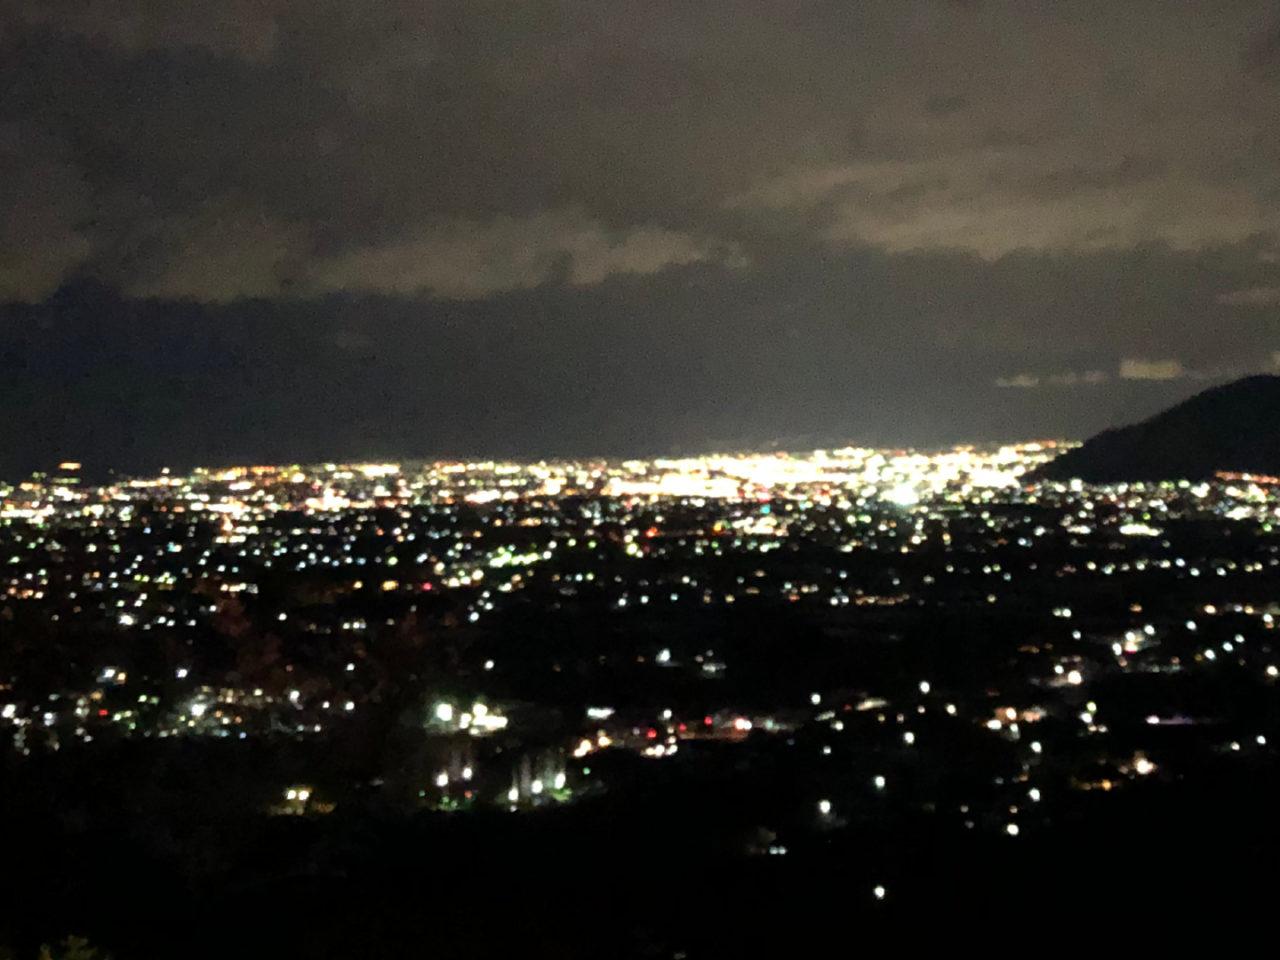 夜の街の灯り